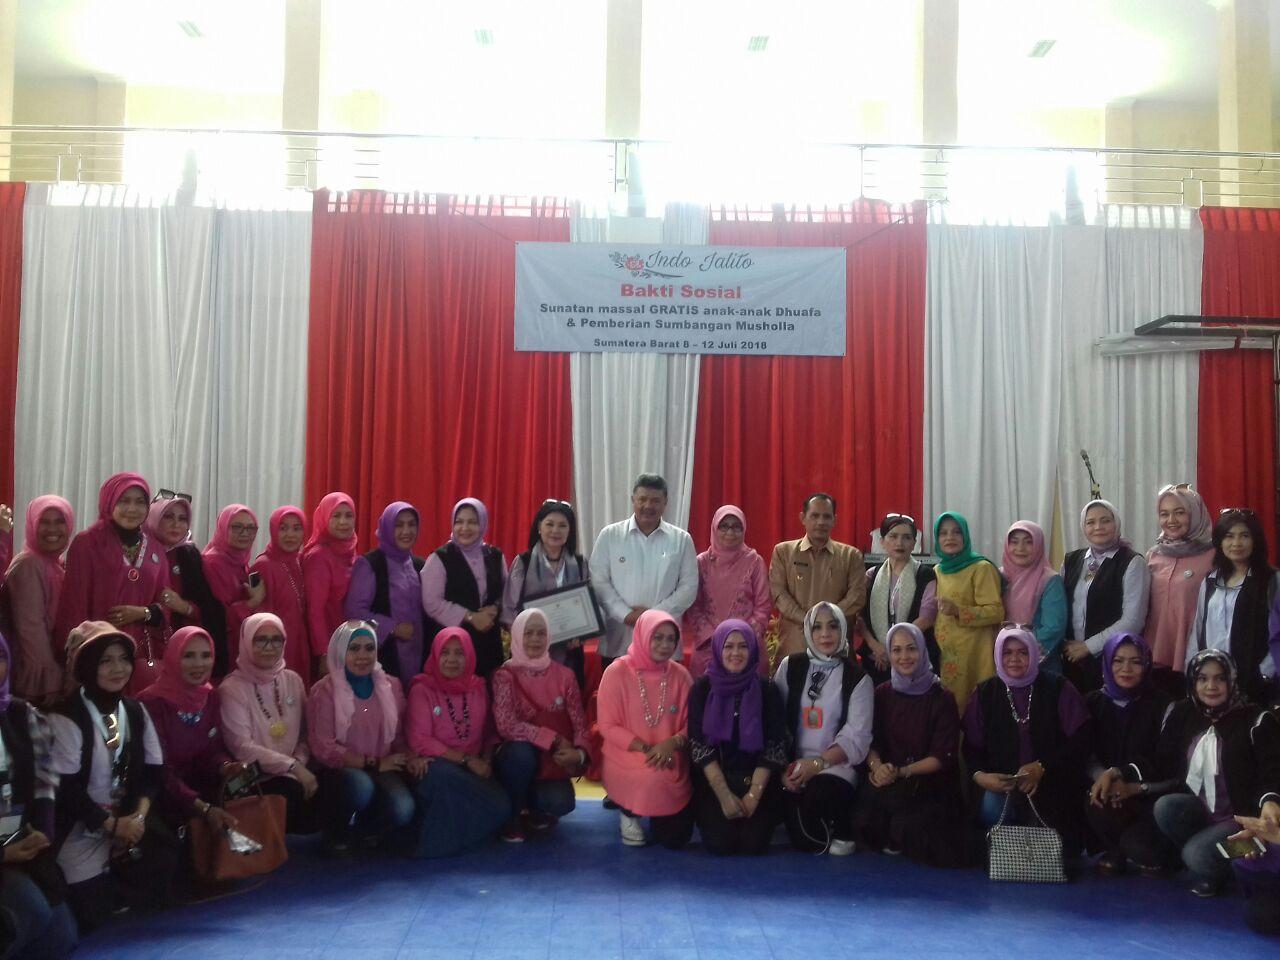 Bakti Sosial Khitanan Massal di Kota Solok yang digelar oleh organisasi Indo Jalito di Gor Tanjung Paku, Kota Solok, Senin 9 Juli 2018. Foto : Fernandez